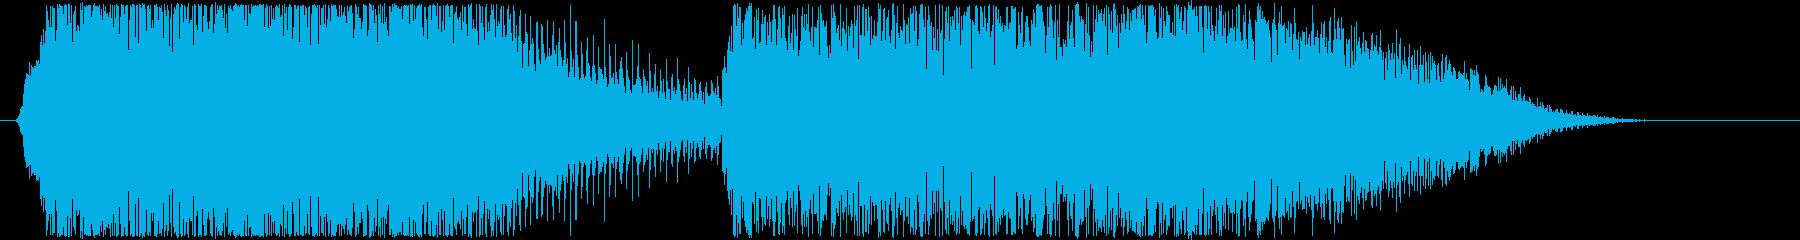 電気を溜めて放出するような効果音の再生済みの波形